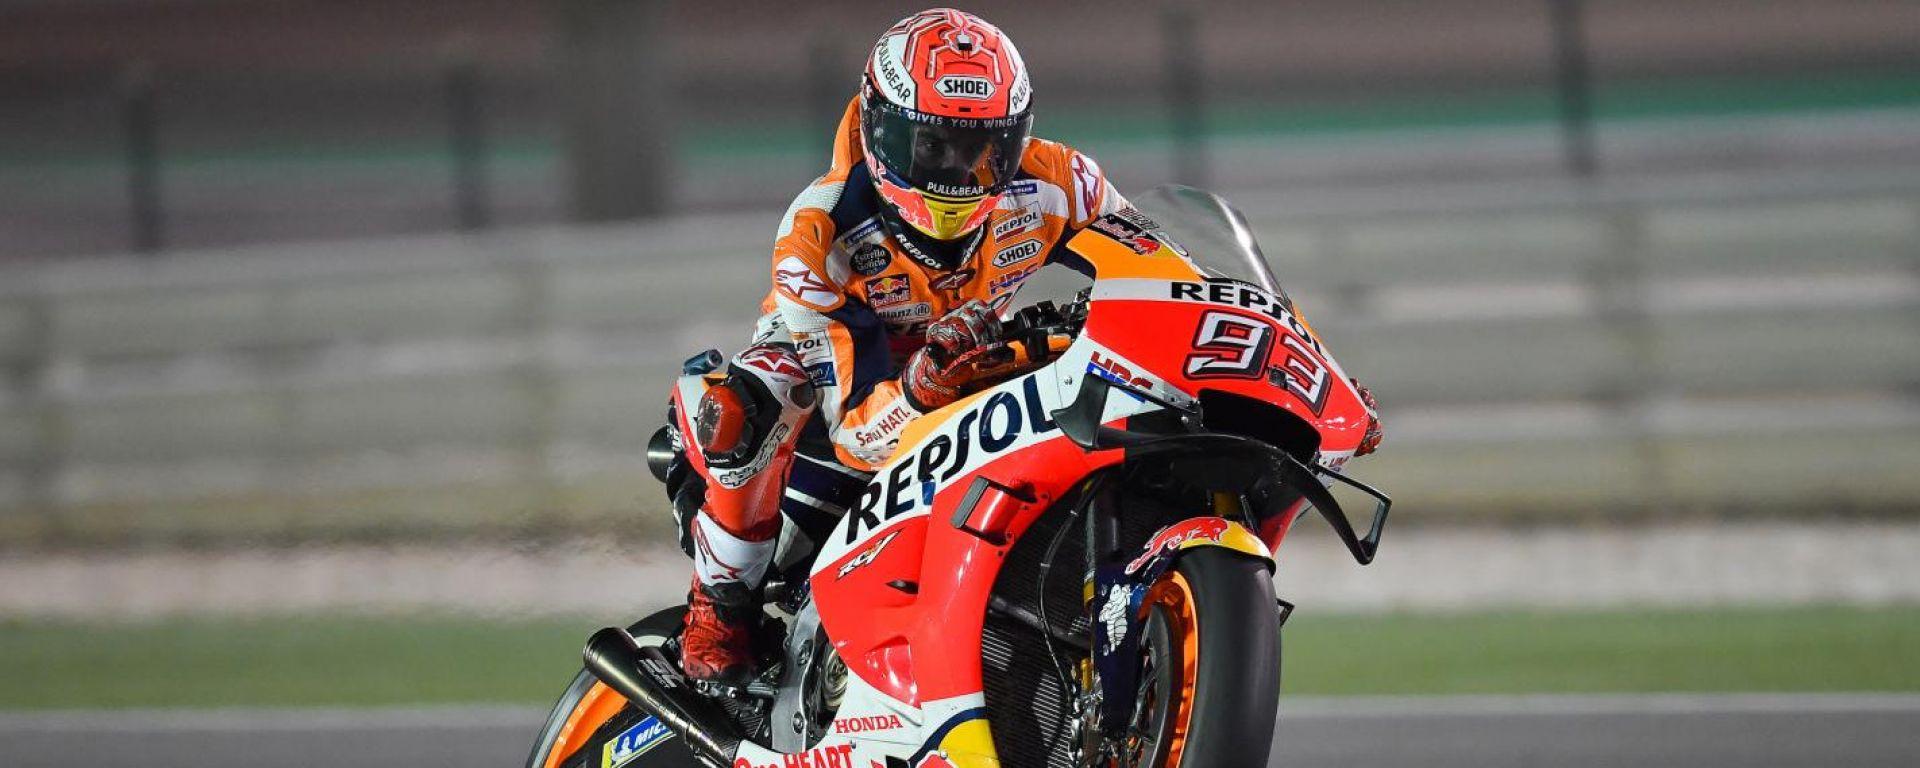 GP Qatar 2019, Marquez subito da record nelle prove libere del venerdì